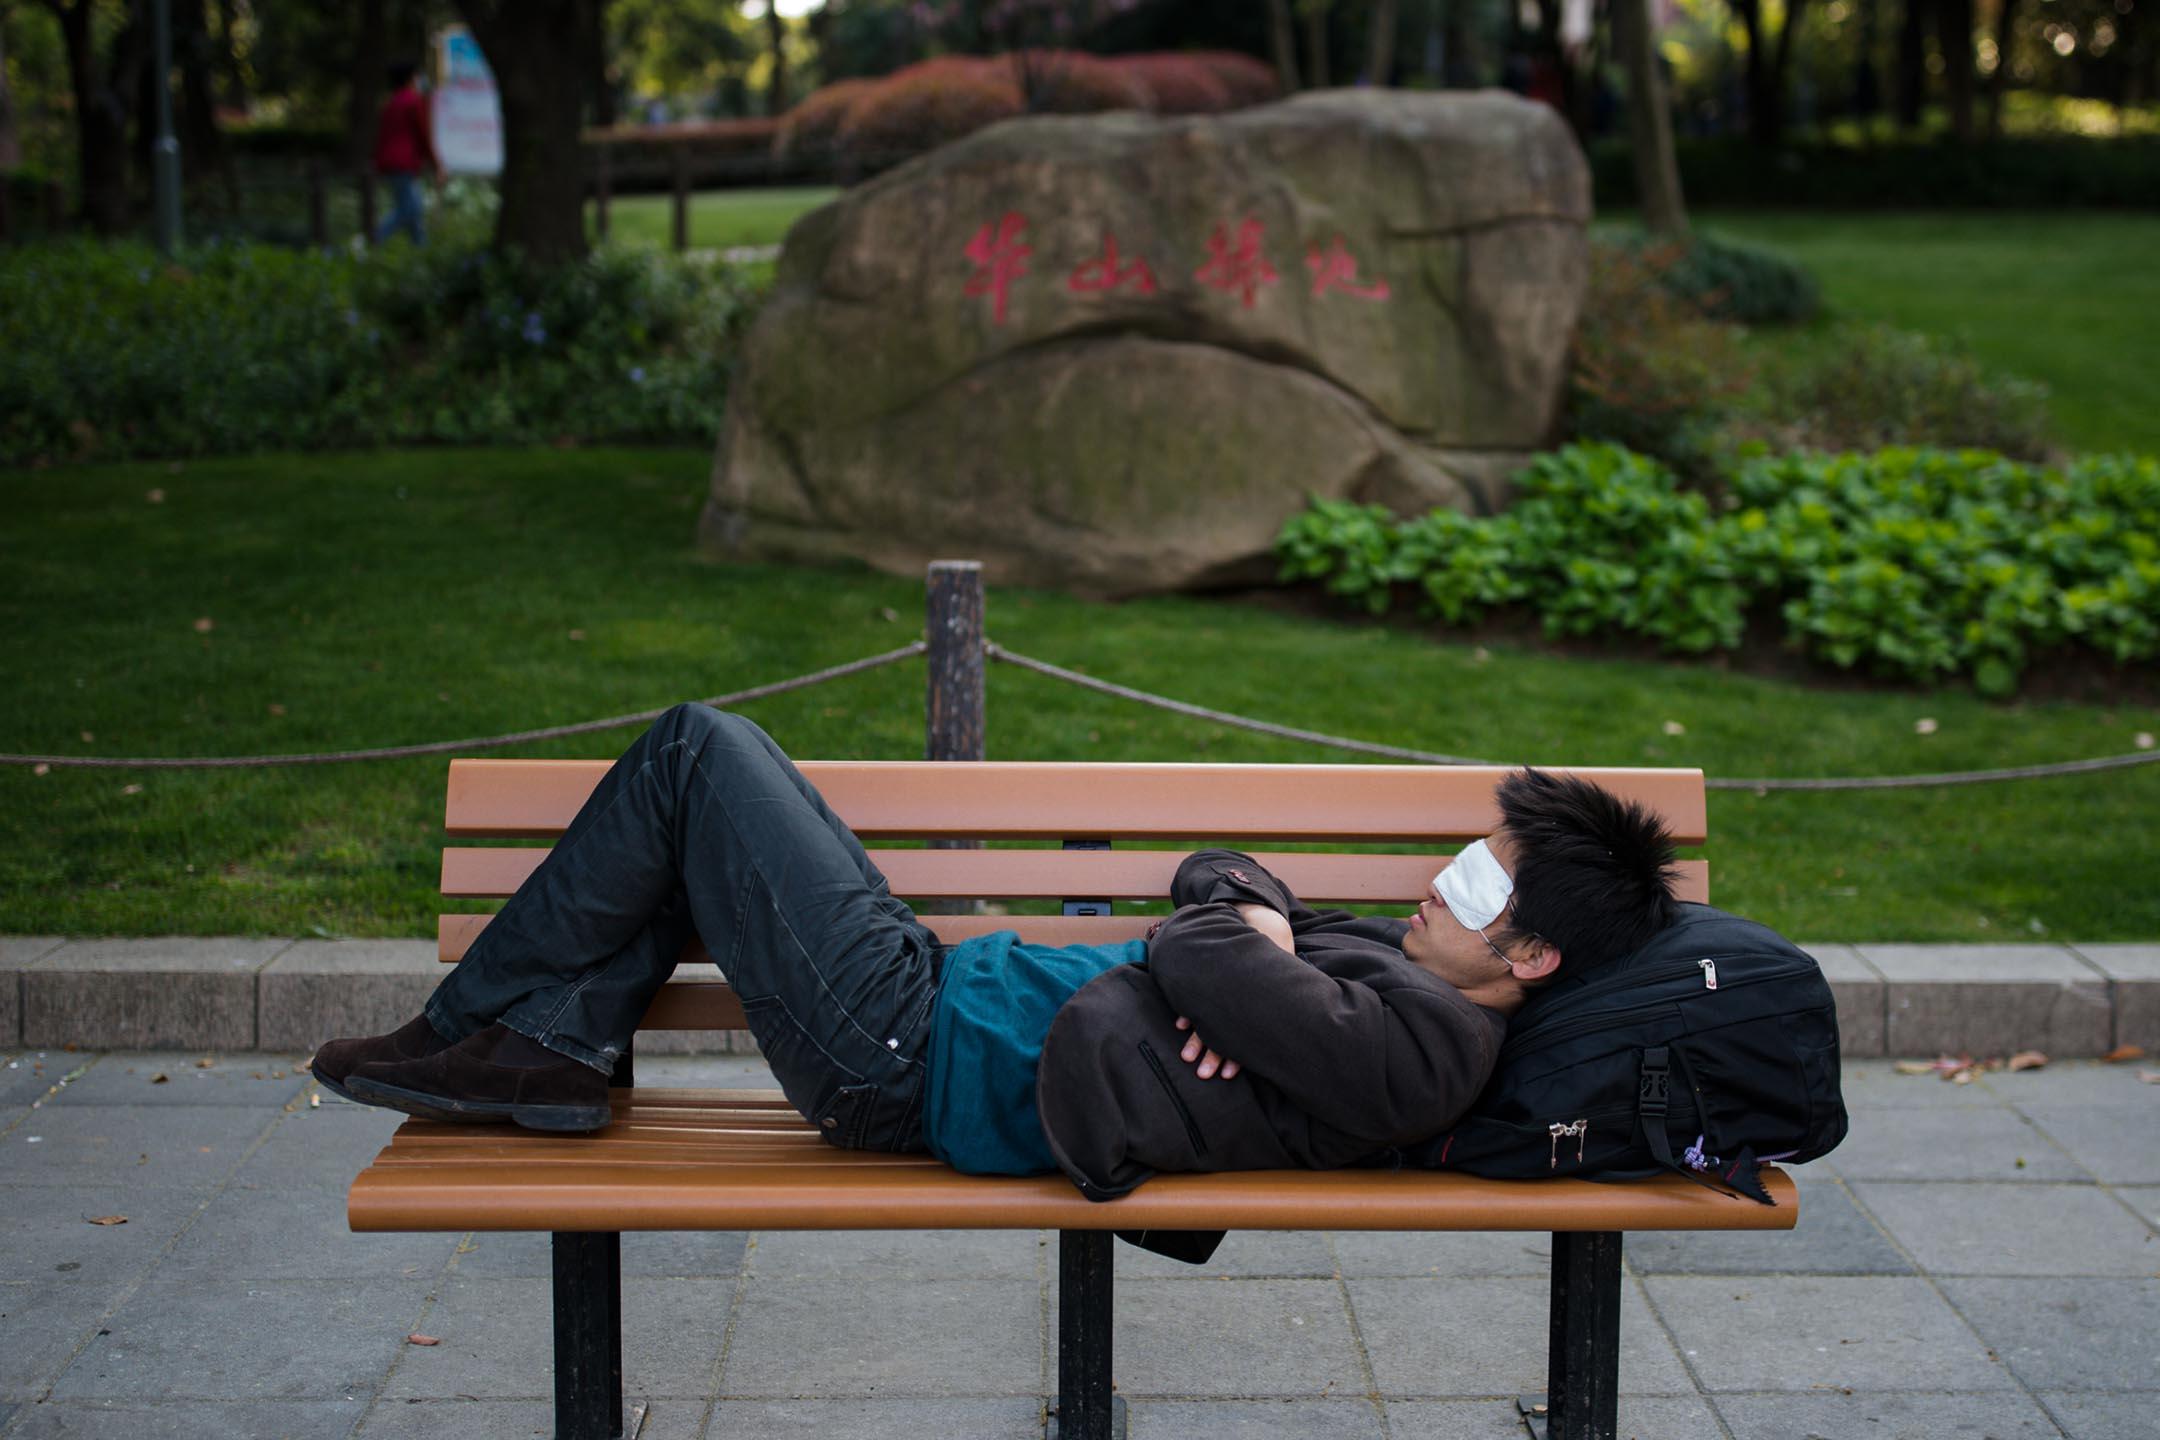 2020年4月08日上海,市民戴著眼罩睡在邊路。 攝:Yves Dean/Getty Images